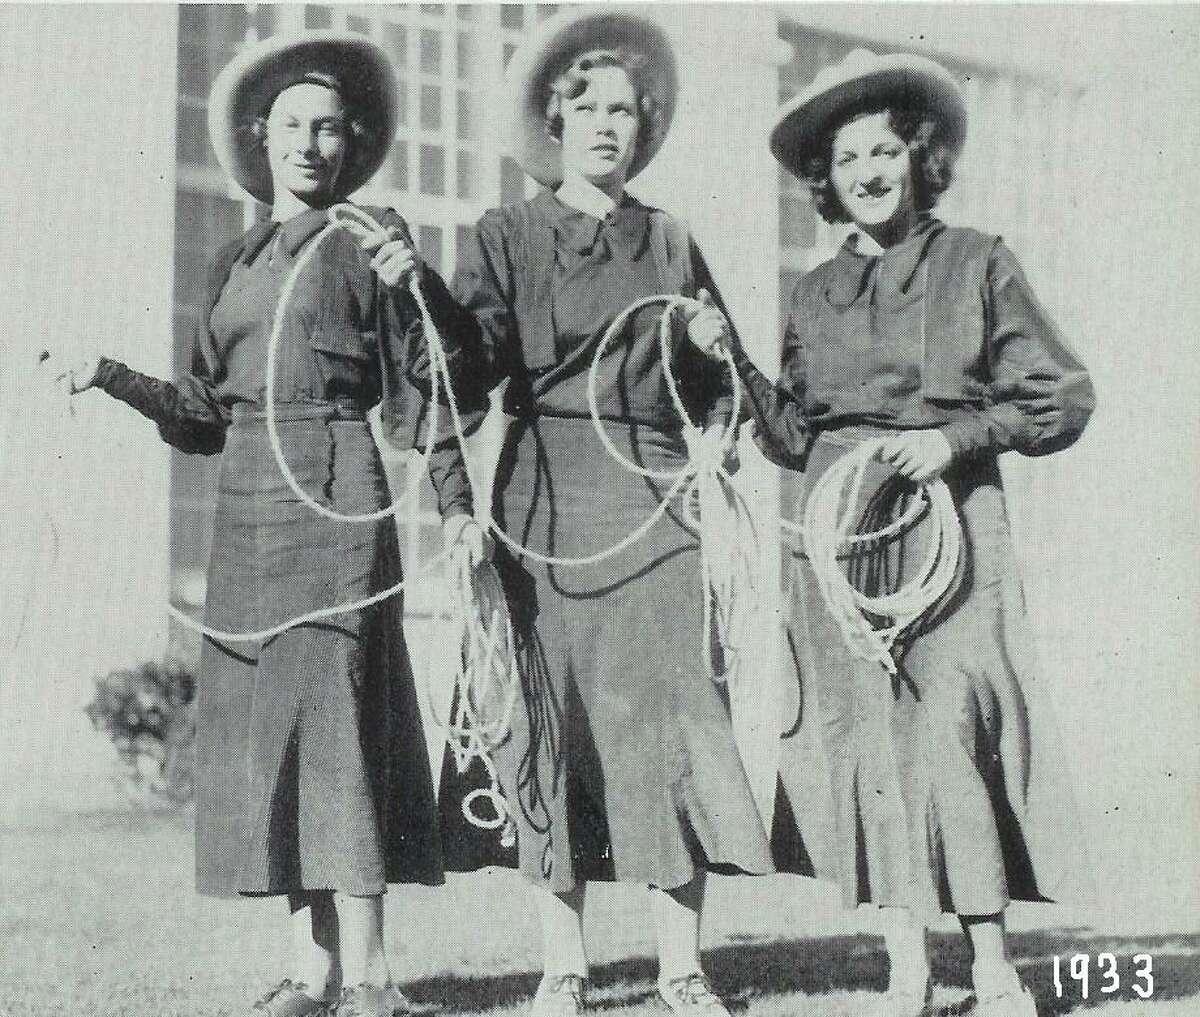 Earliest Lasso photo (girls unknown), 1933